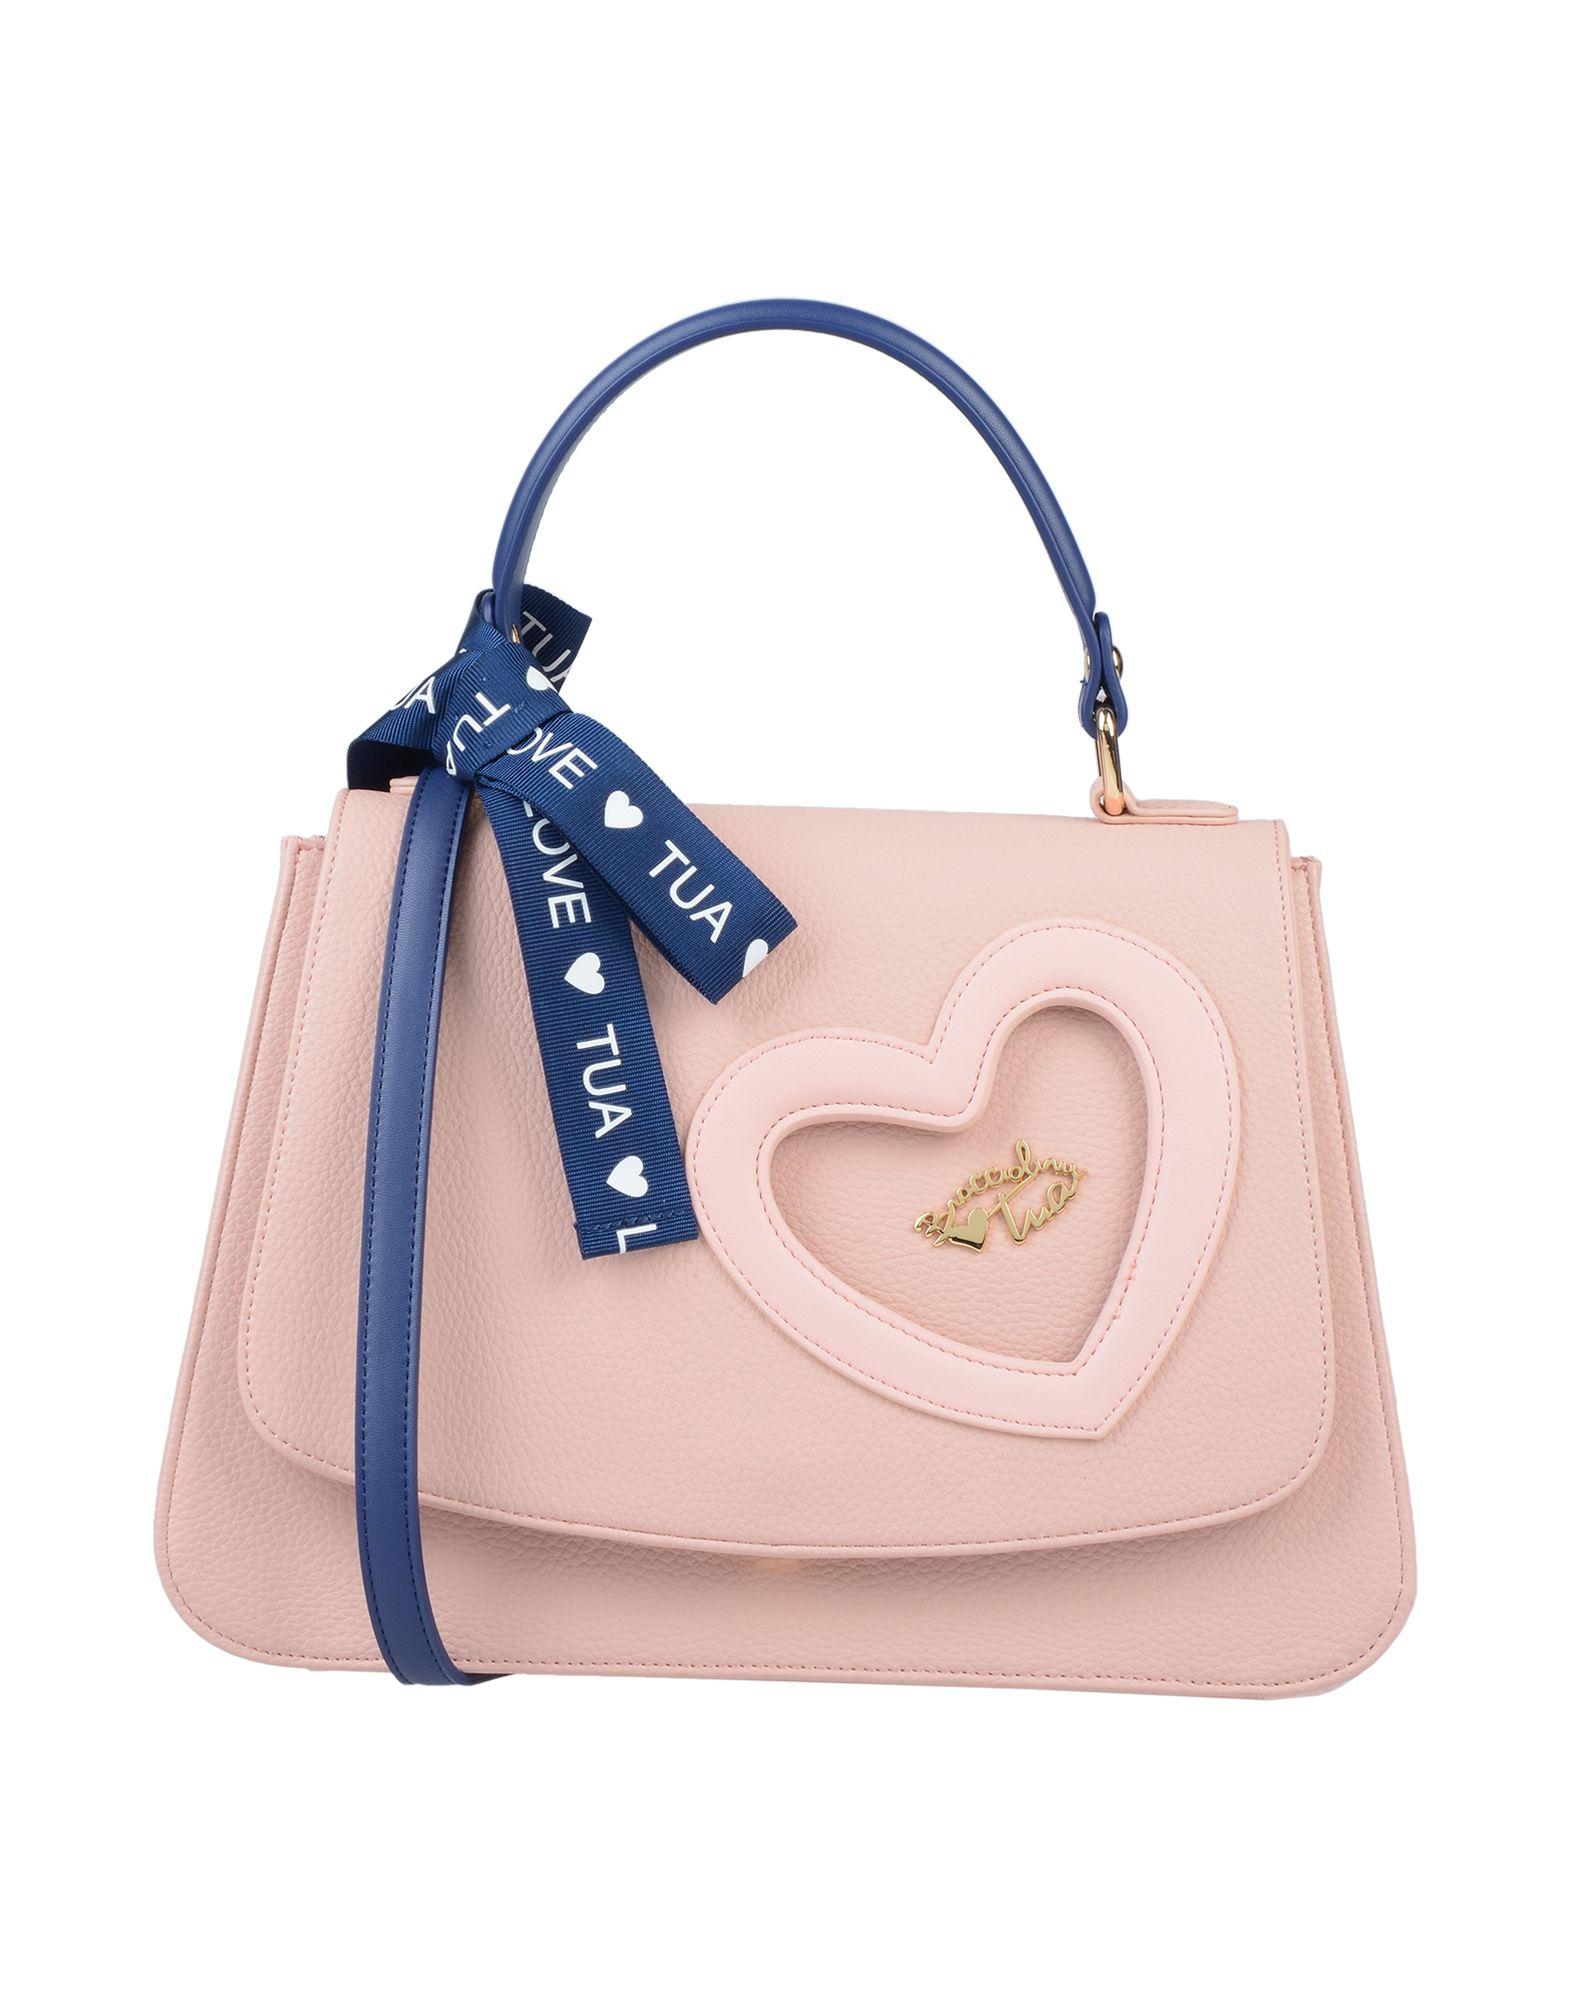 《送料無料》TUA BY BRACCIALINI レディース ハンドバッグ ピンク 紡績繊維